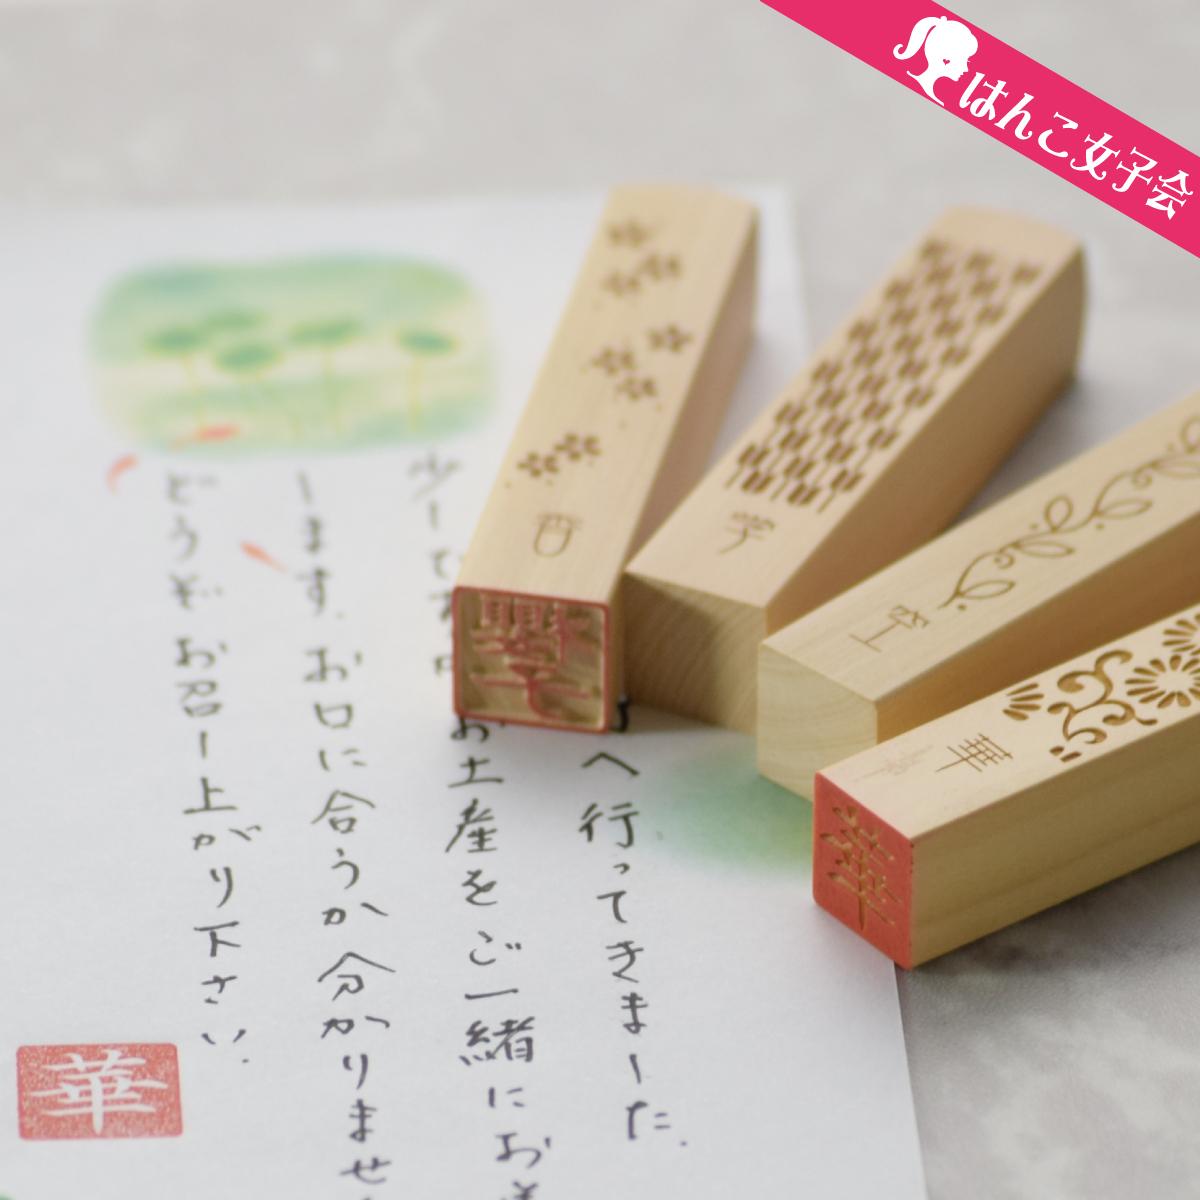 四角いはんこ 日本製 こゆいだな 落款 銀行印 遊印 認印 卸売り プレゼント- CP 印鑑 お土産 オーダー かわいい